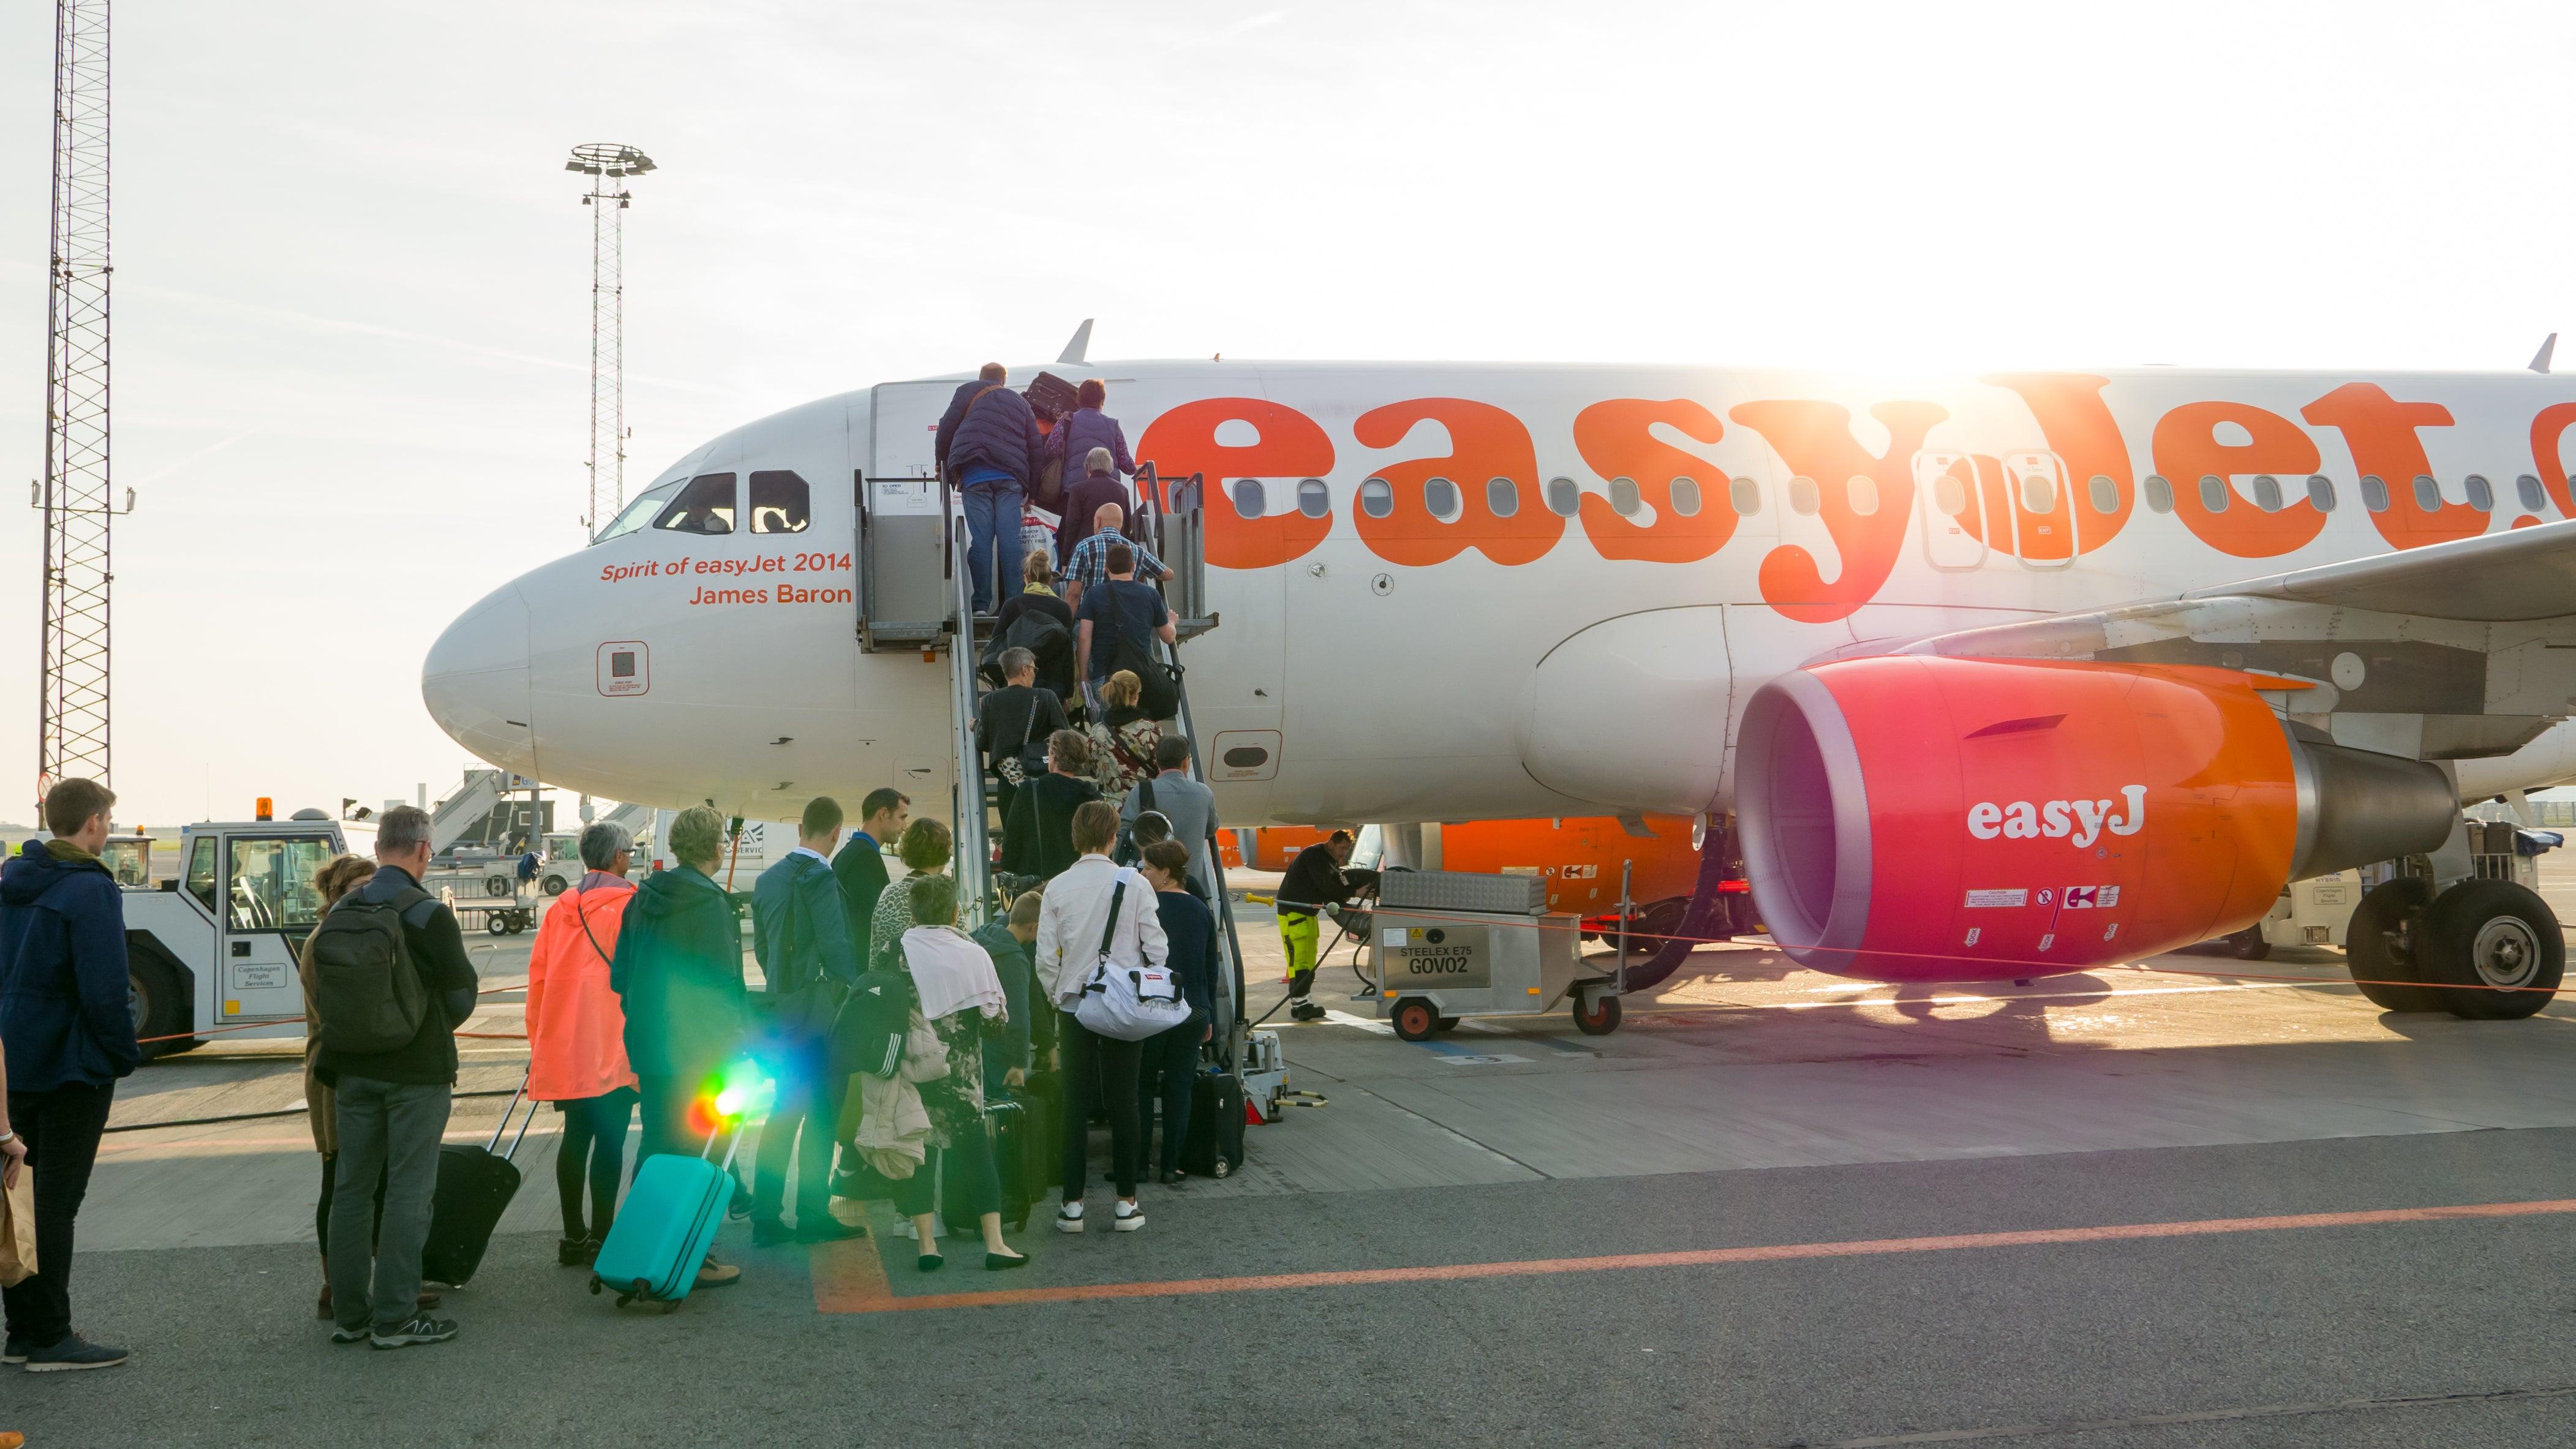 Easyjet Boarding